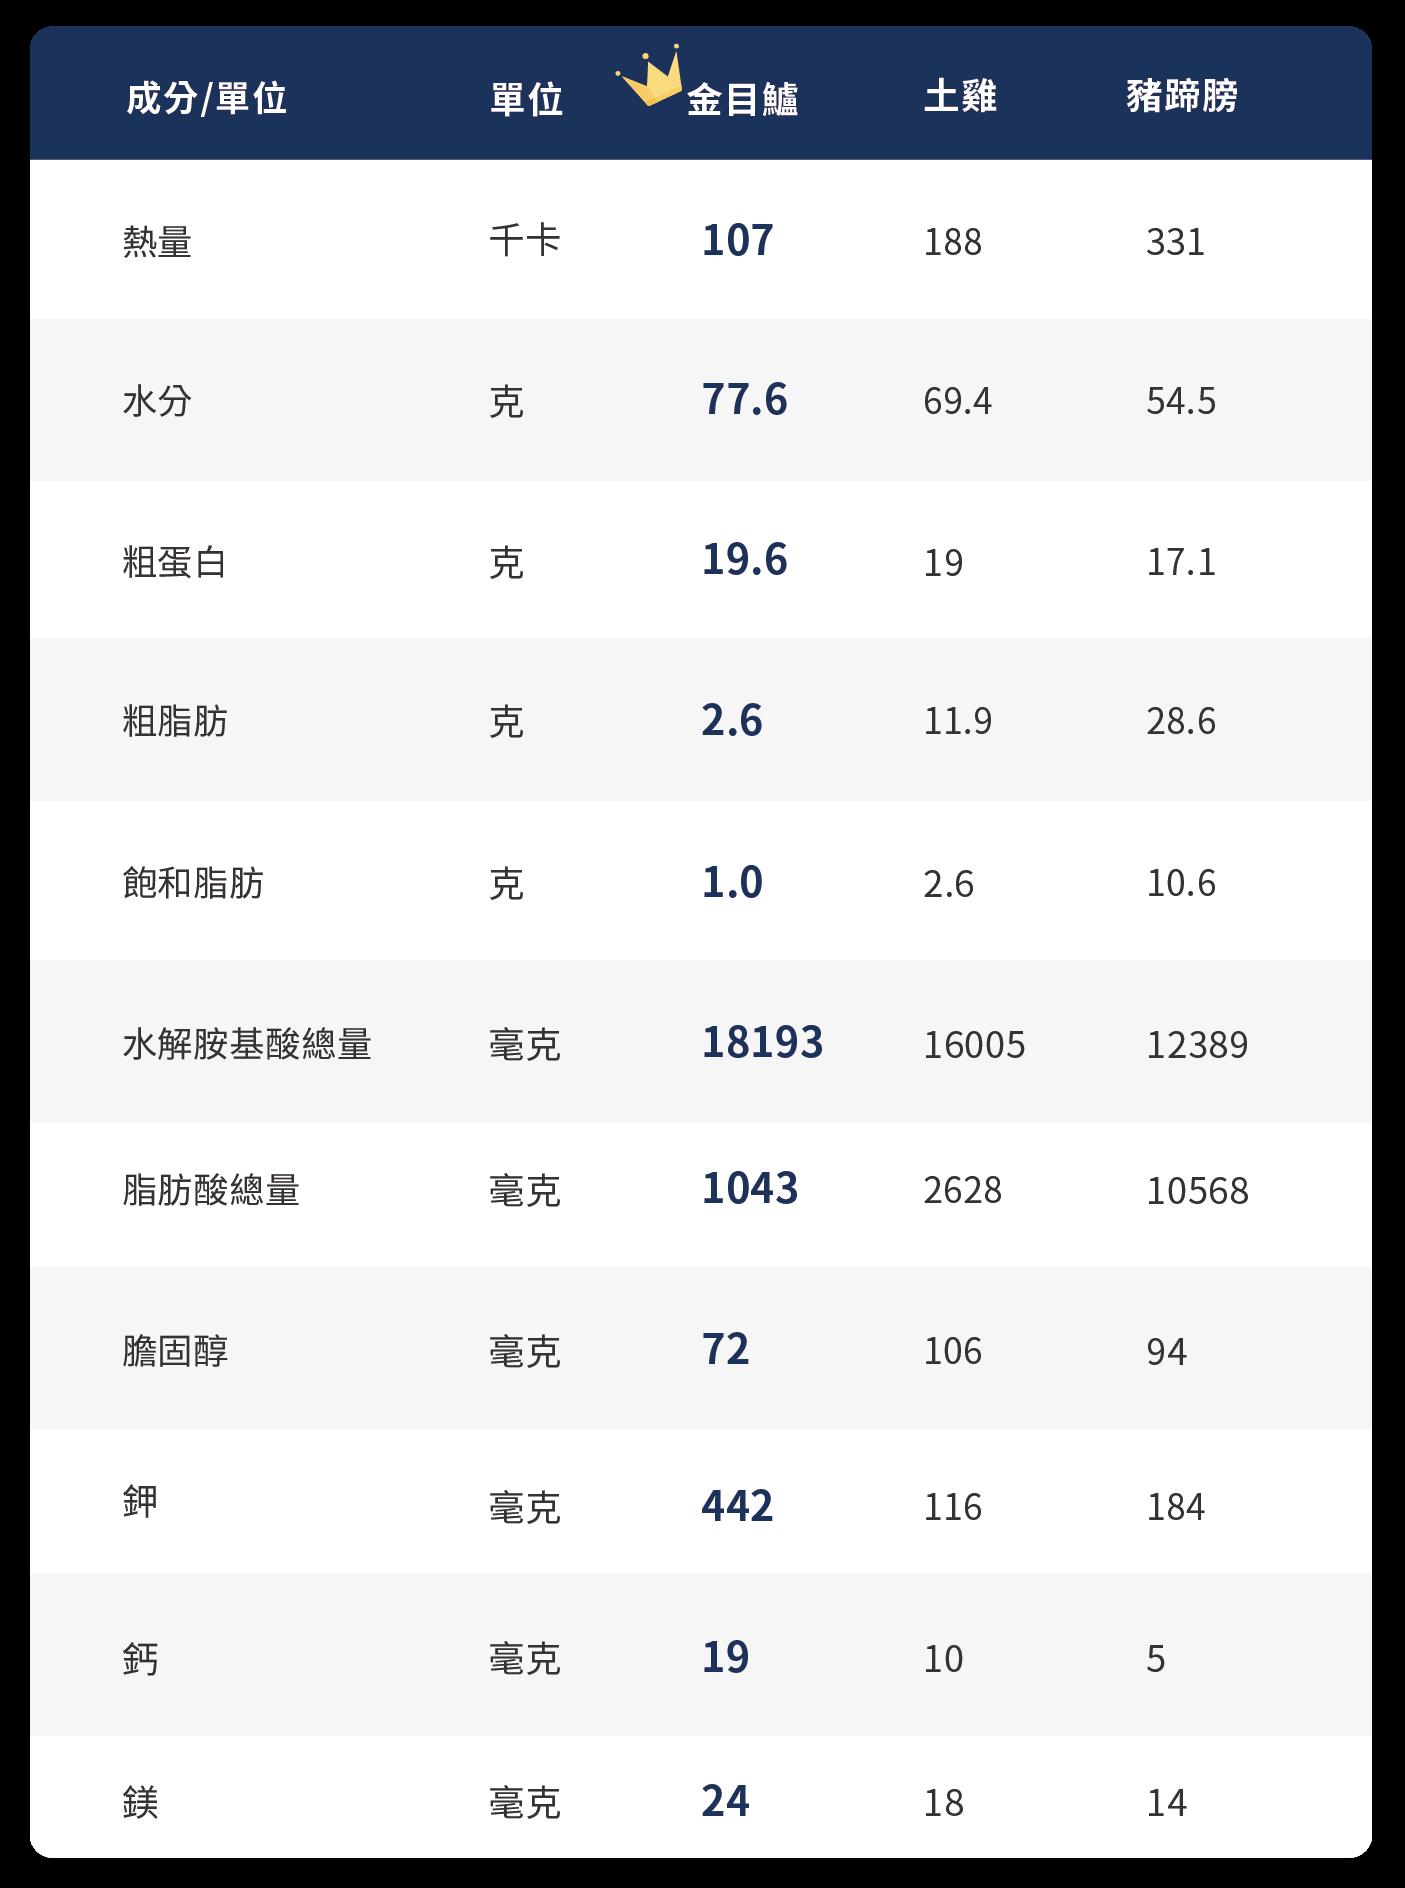 鱸魚排 成分比較表